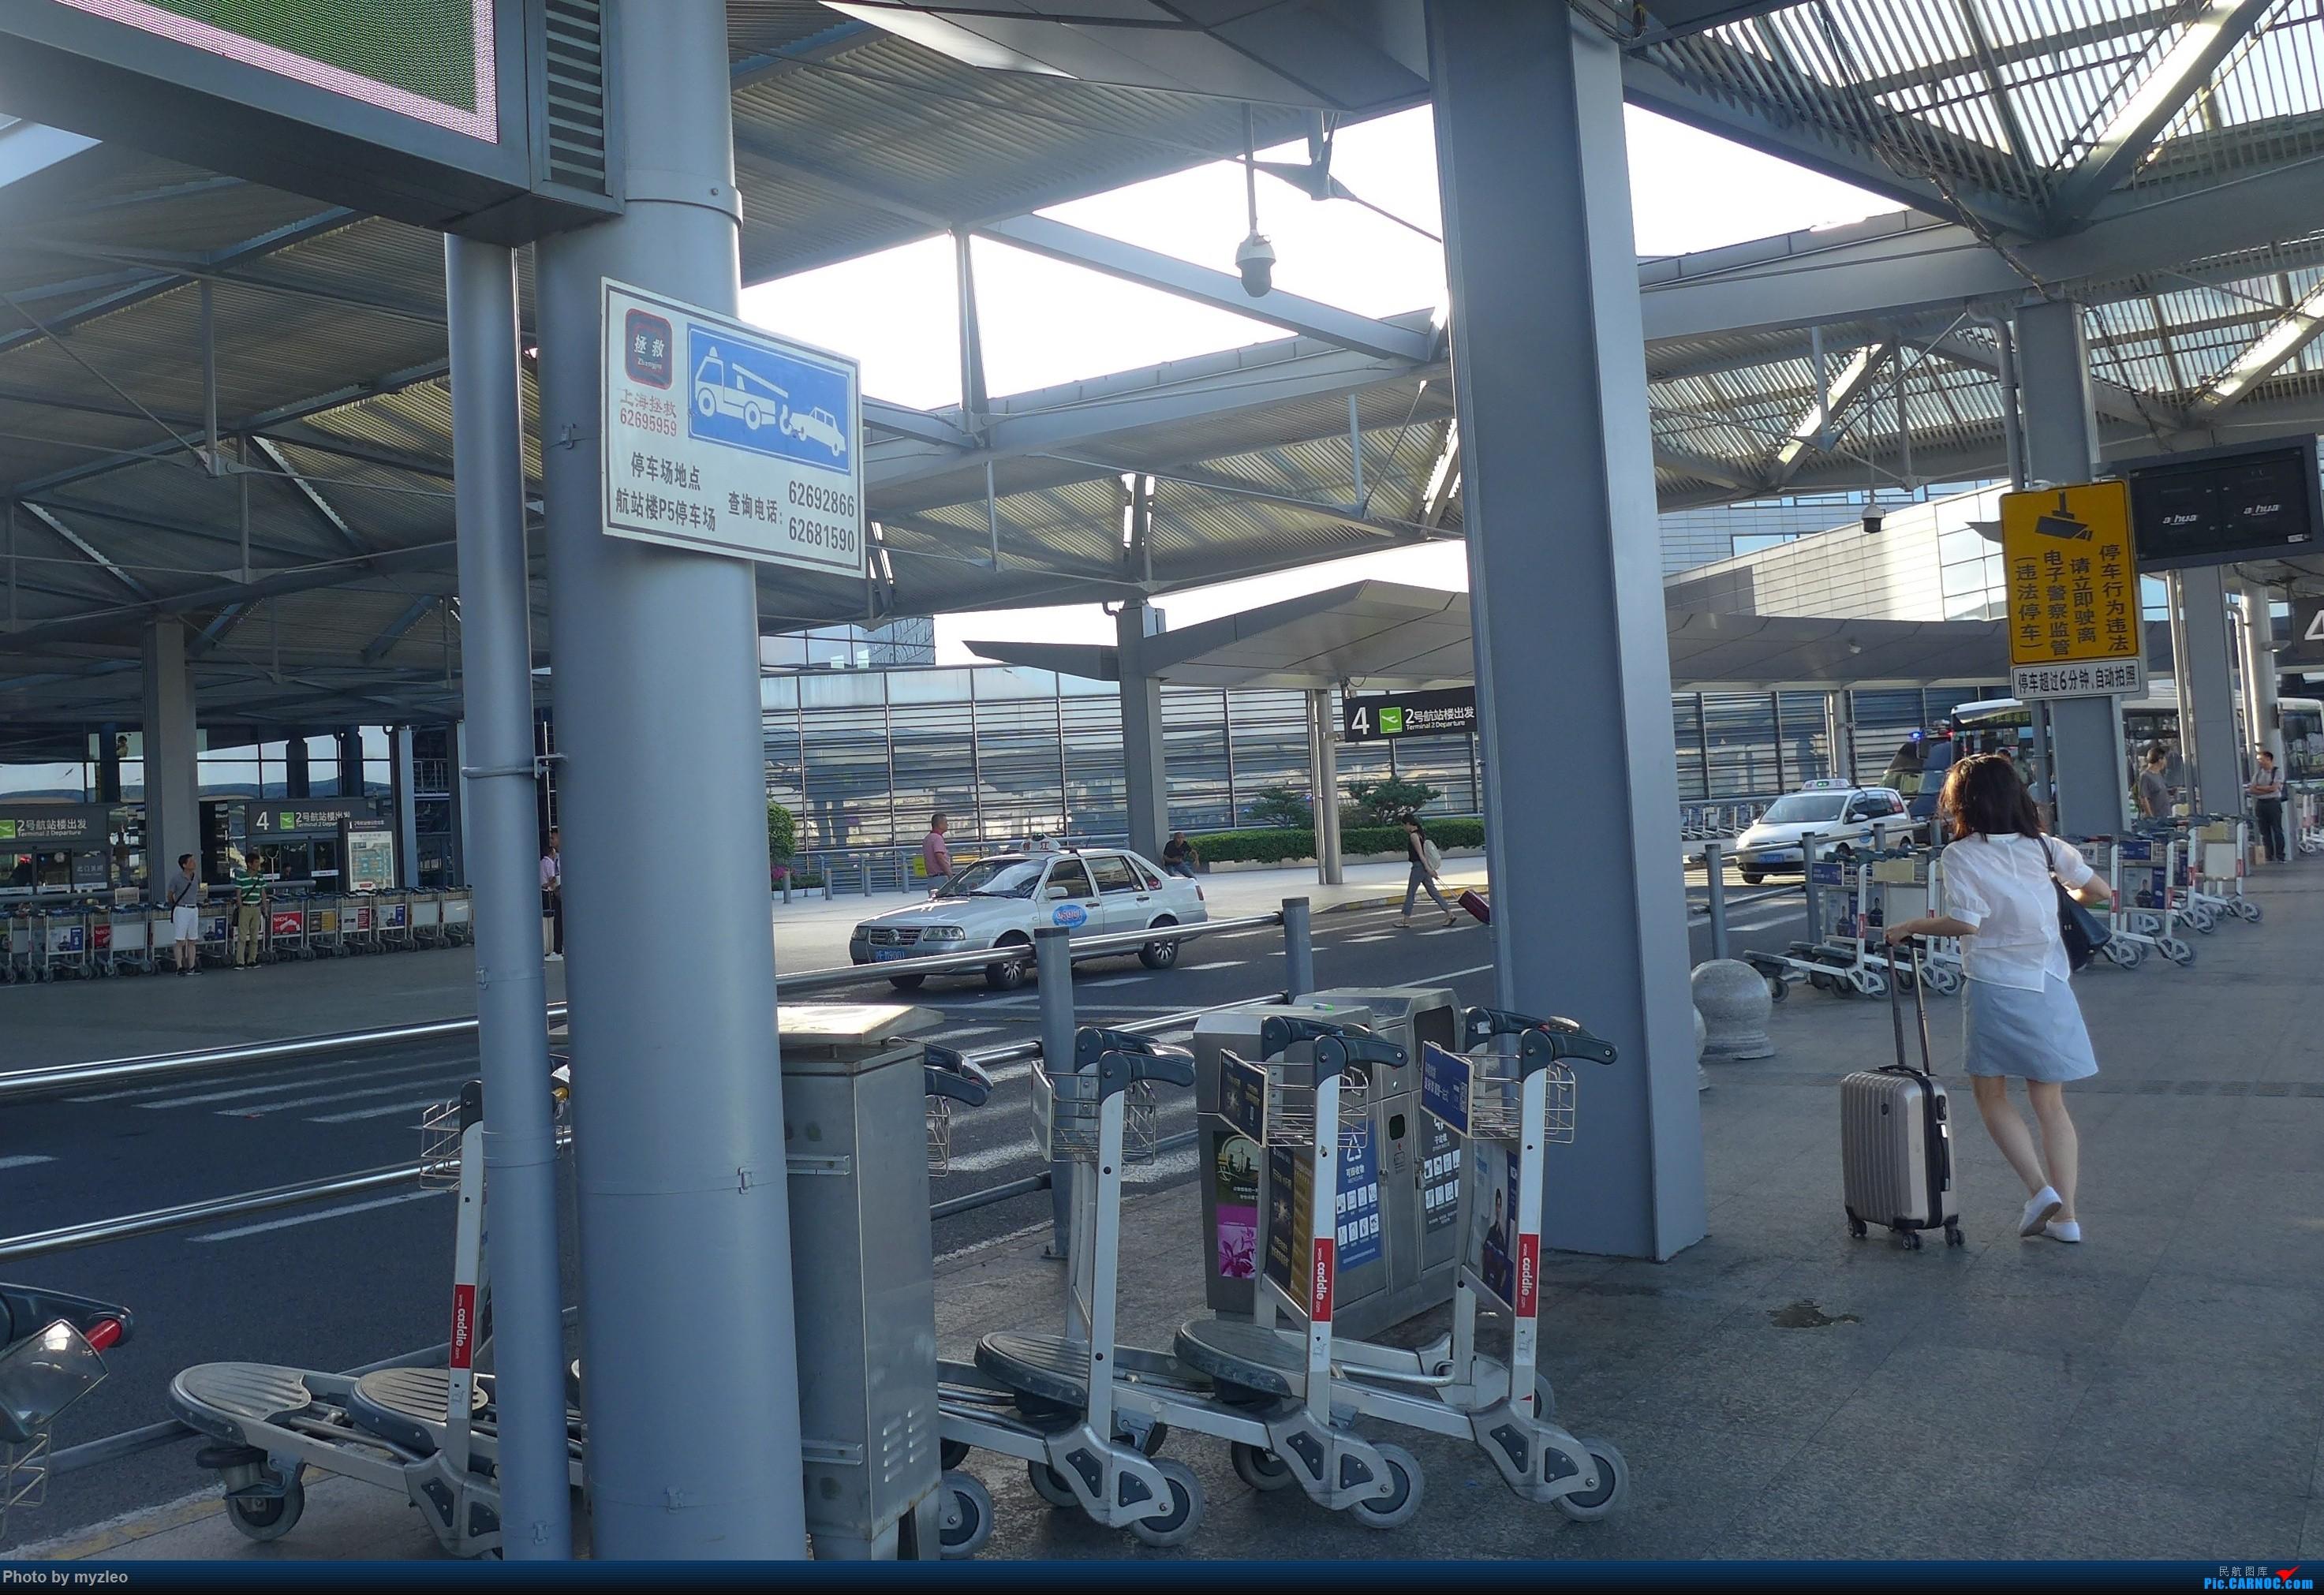 [原创]【myzleo的游记2.1】昆洱风光(1)——SHA-KMG上航商务舱再体验+人在昆明    中国上海虹桥国际机场